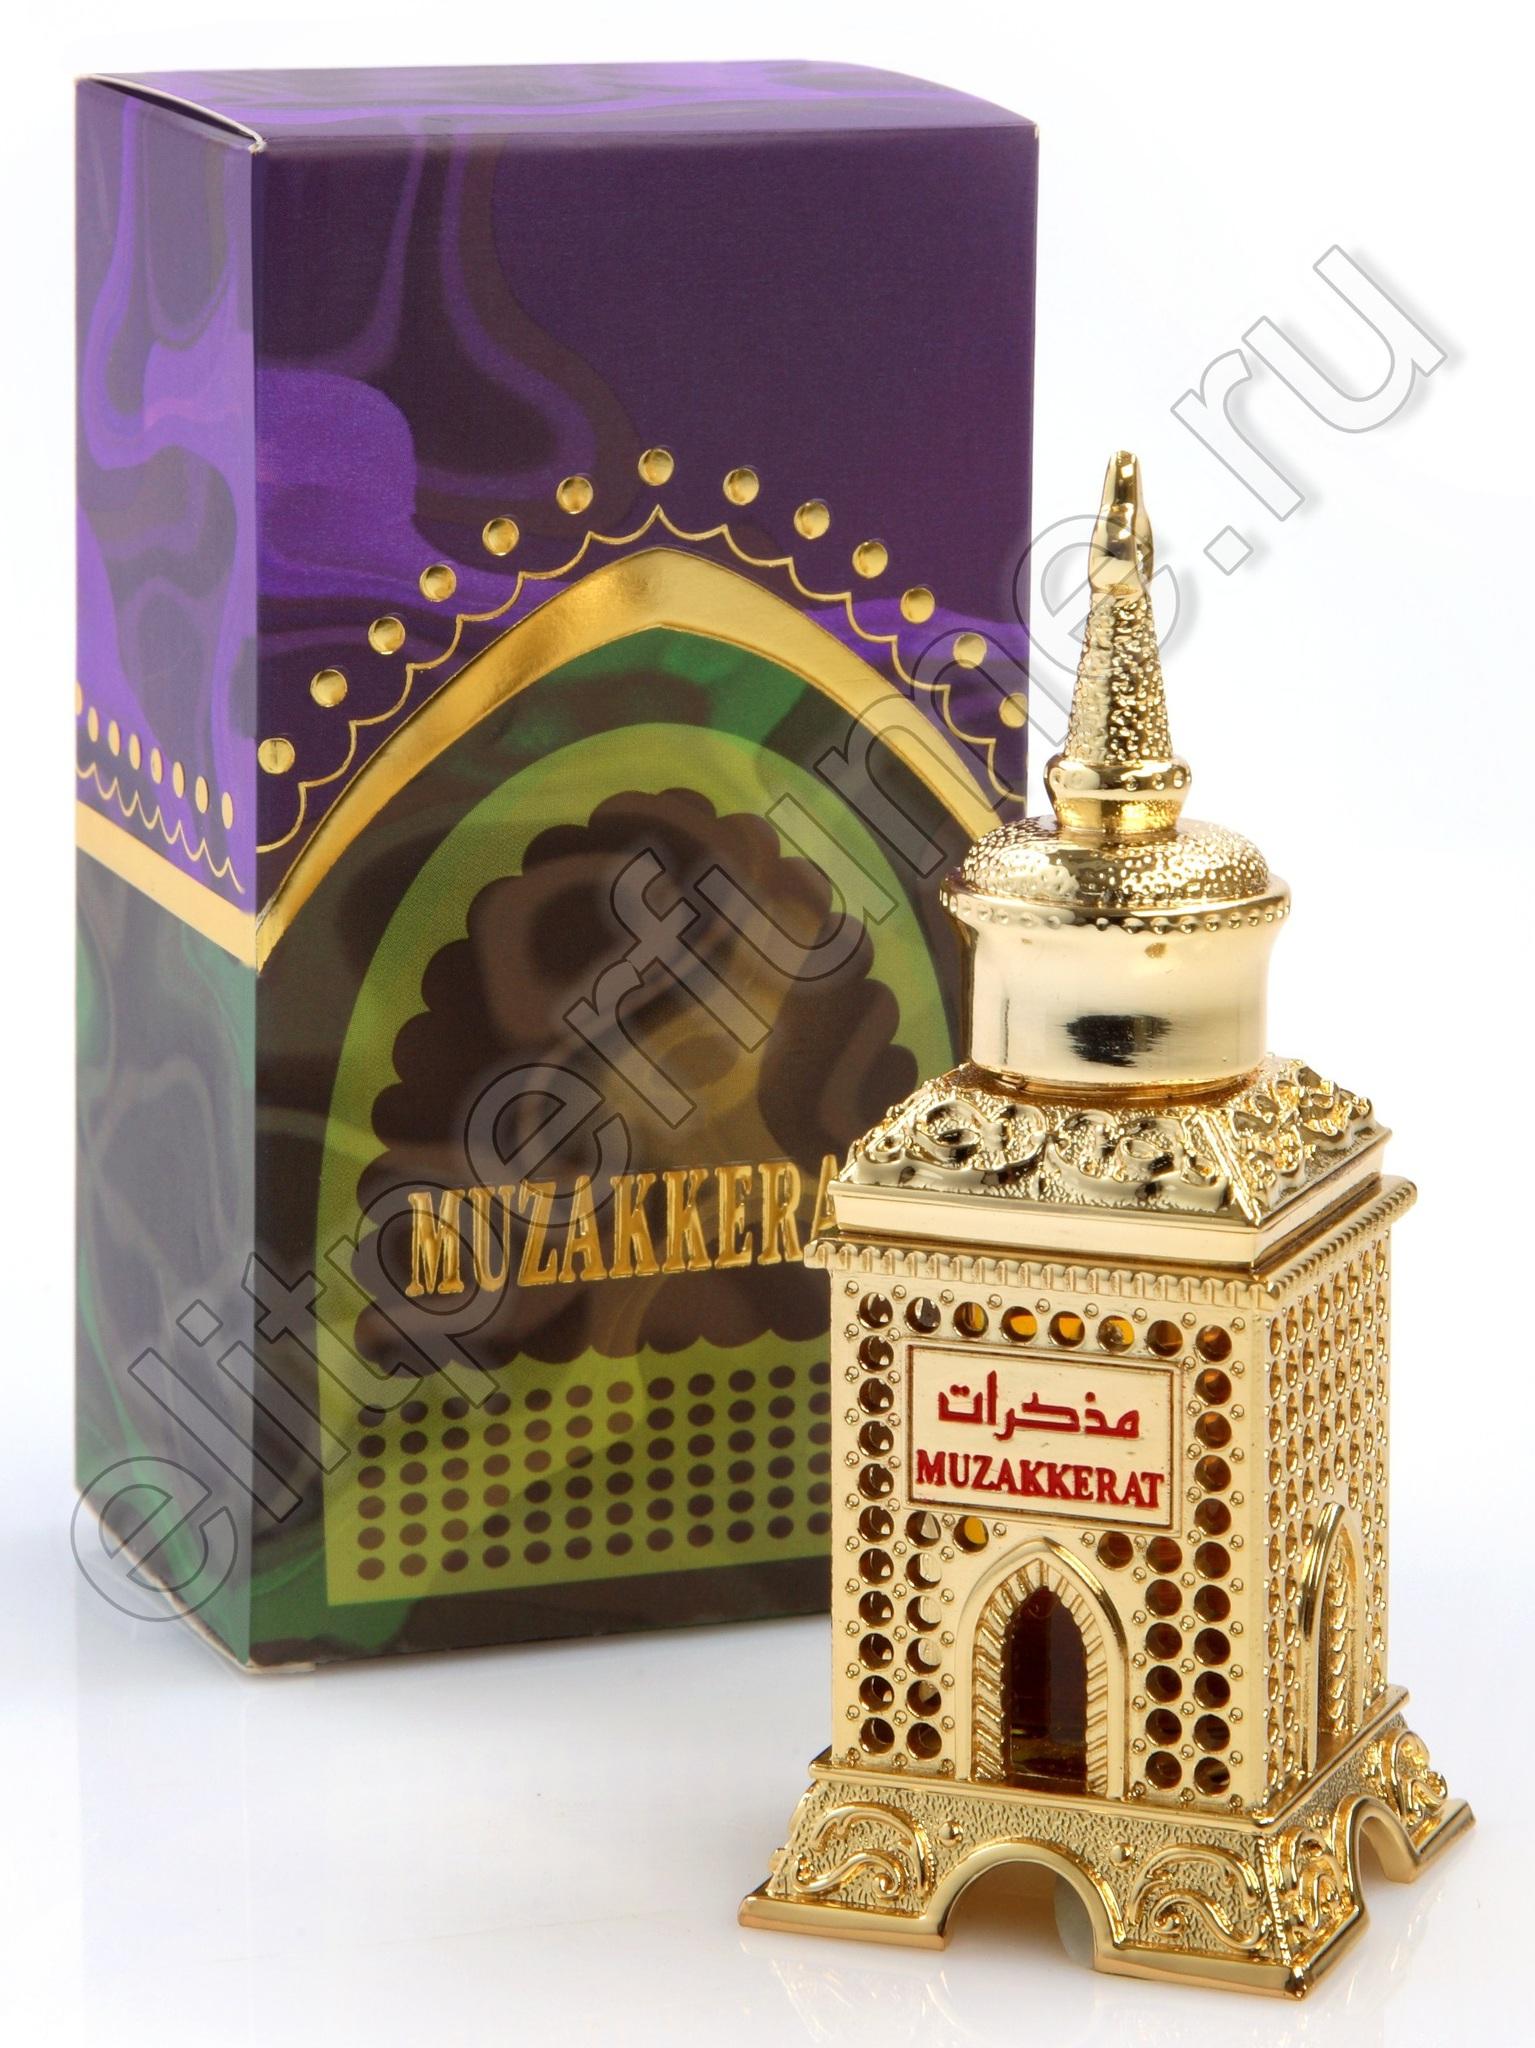 Пробники для духов Музакерат Muzakkerat 1 мл арабские масляные духи от Аль Харамайн Al Haramin Perfumes